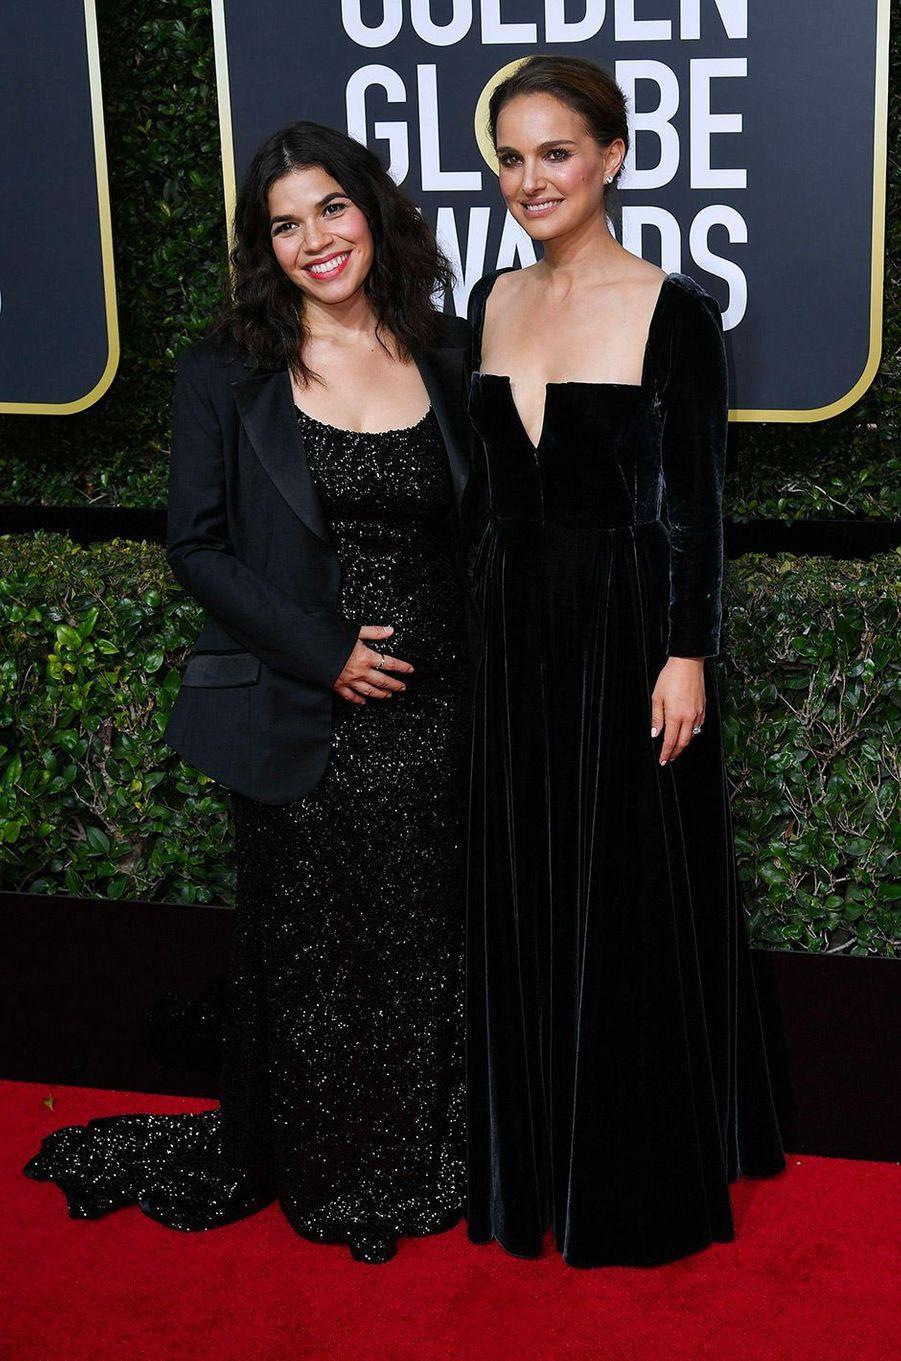 Natalie Portman dans une robe Dior aux Golden Globes 2018, avec America Ferrara